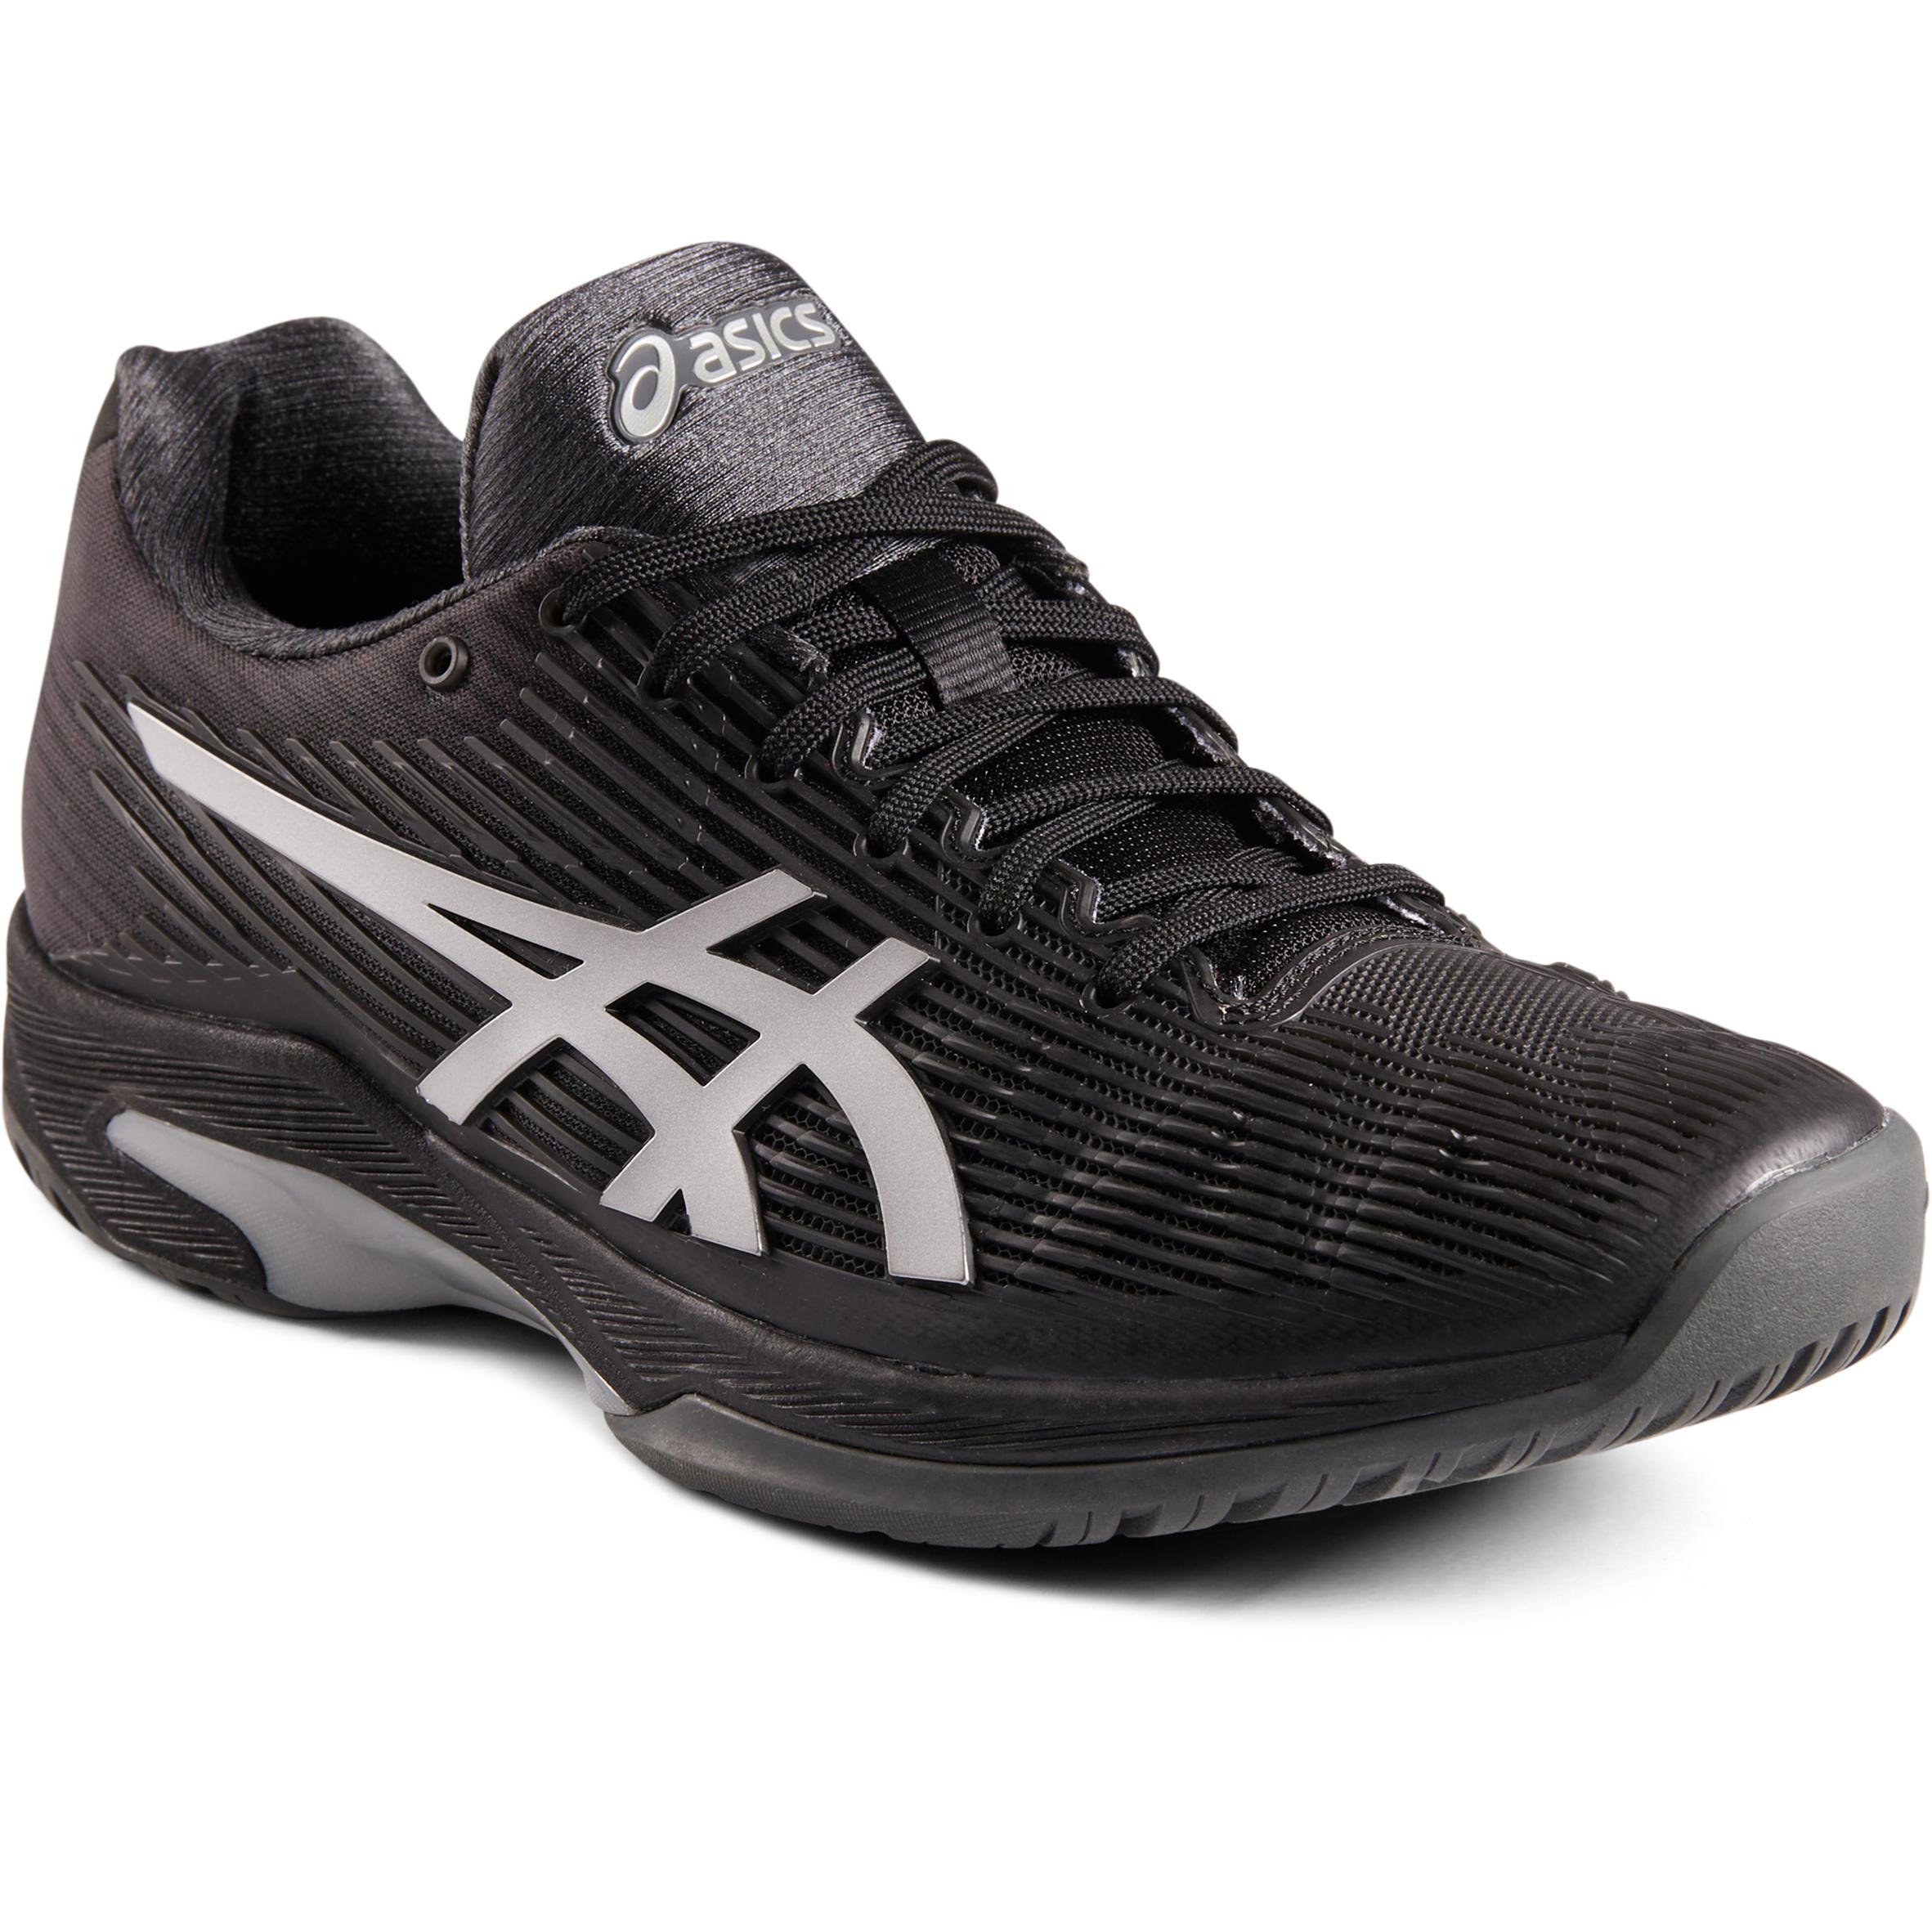 Asics Tennisschoenen voor heren Gel-Solution Speed 3 zwart omni zool